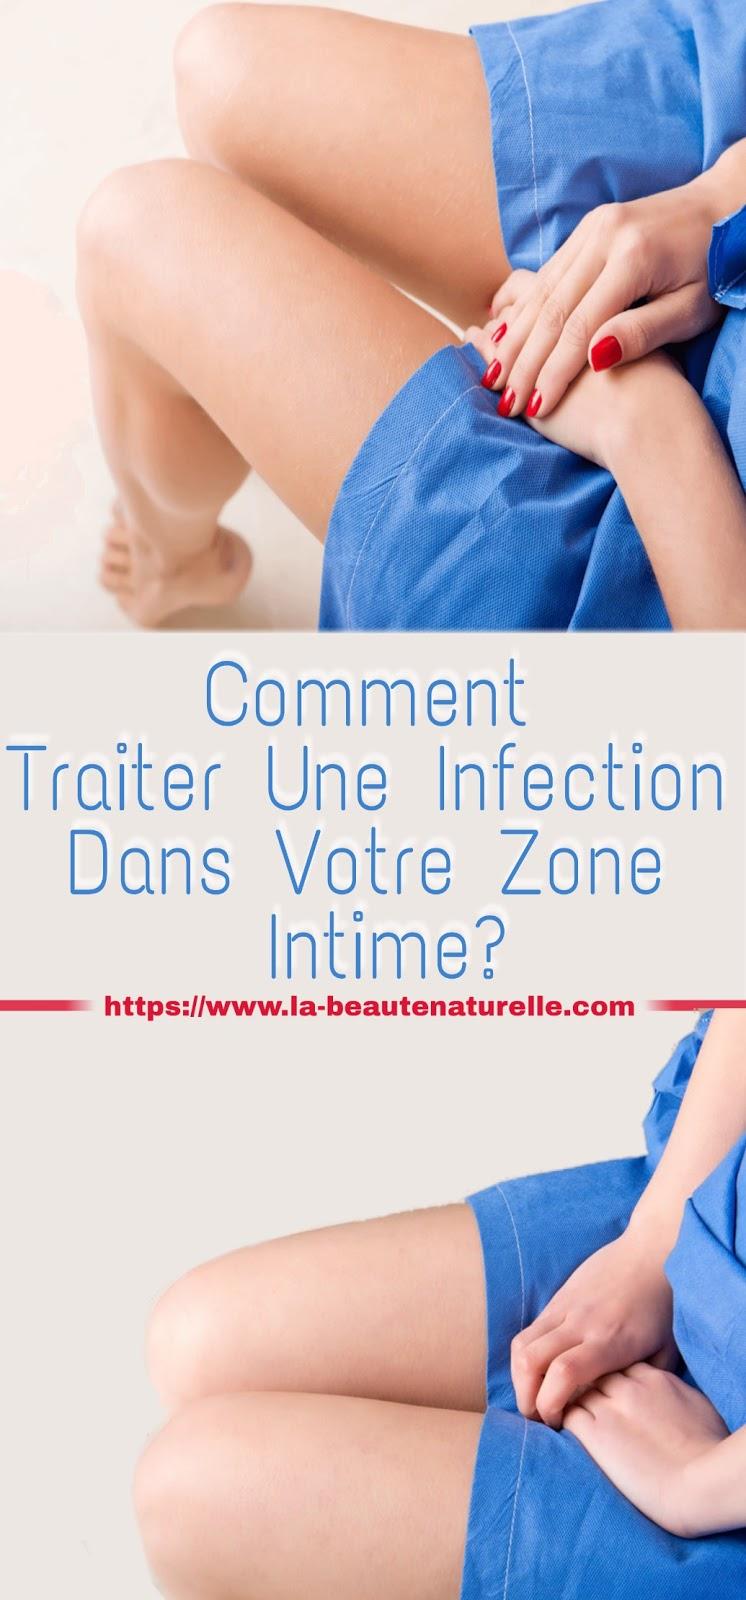 Comment Traiter Une Infection Dans Votre Zone Intime?